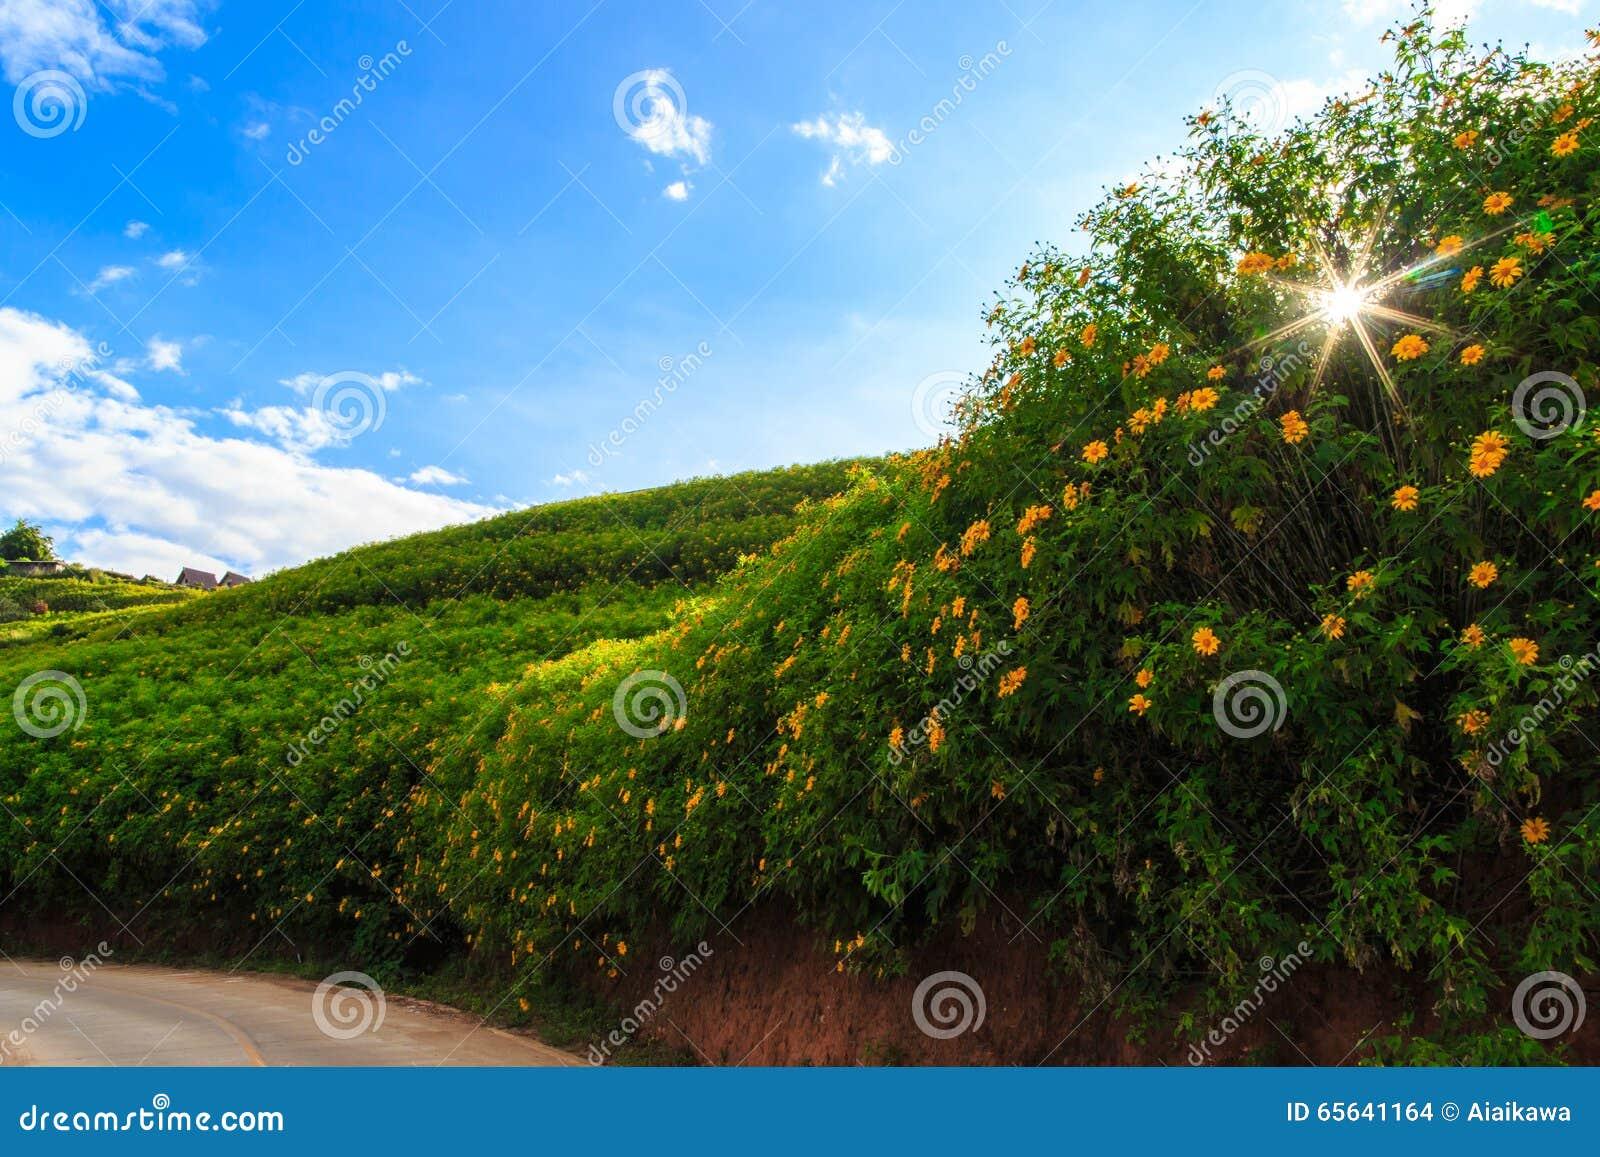 Gisement de fleur sur la montagne tropicale sous le ciel bleu